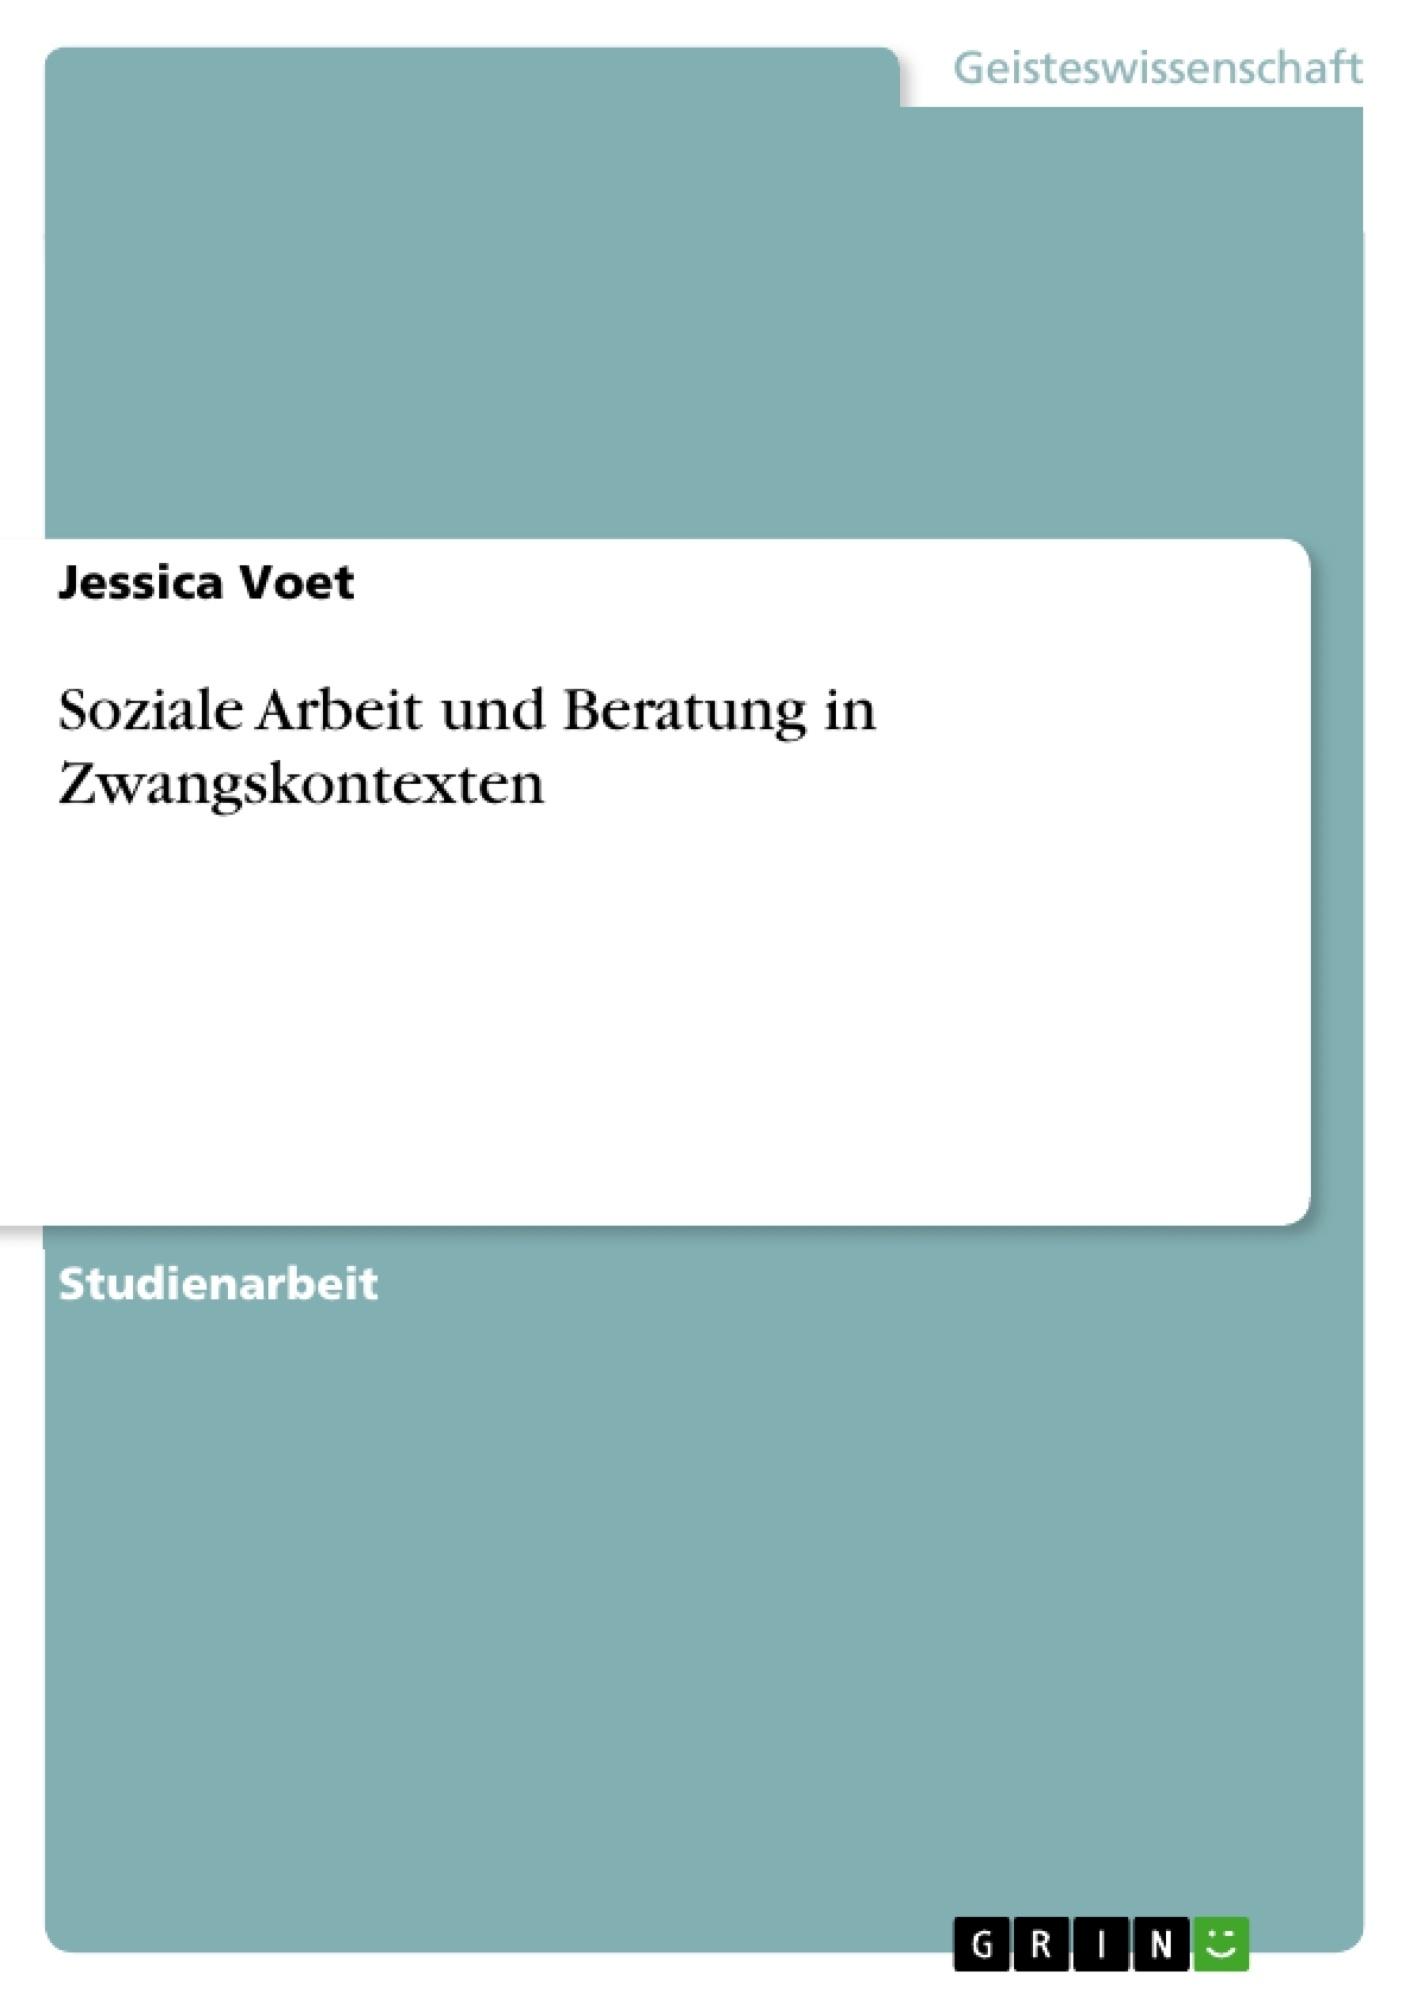 Titel: Soziale Arbeit und Beratung in Zwangskontexten